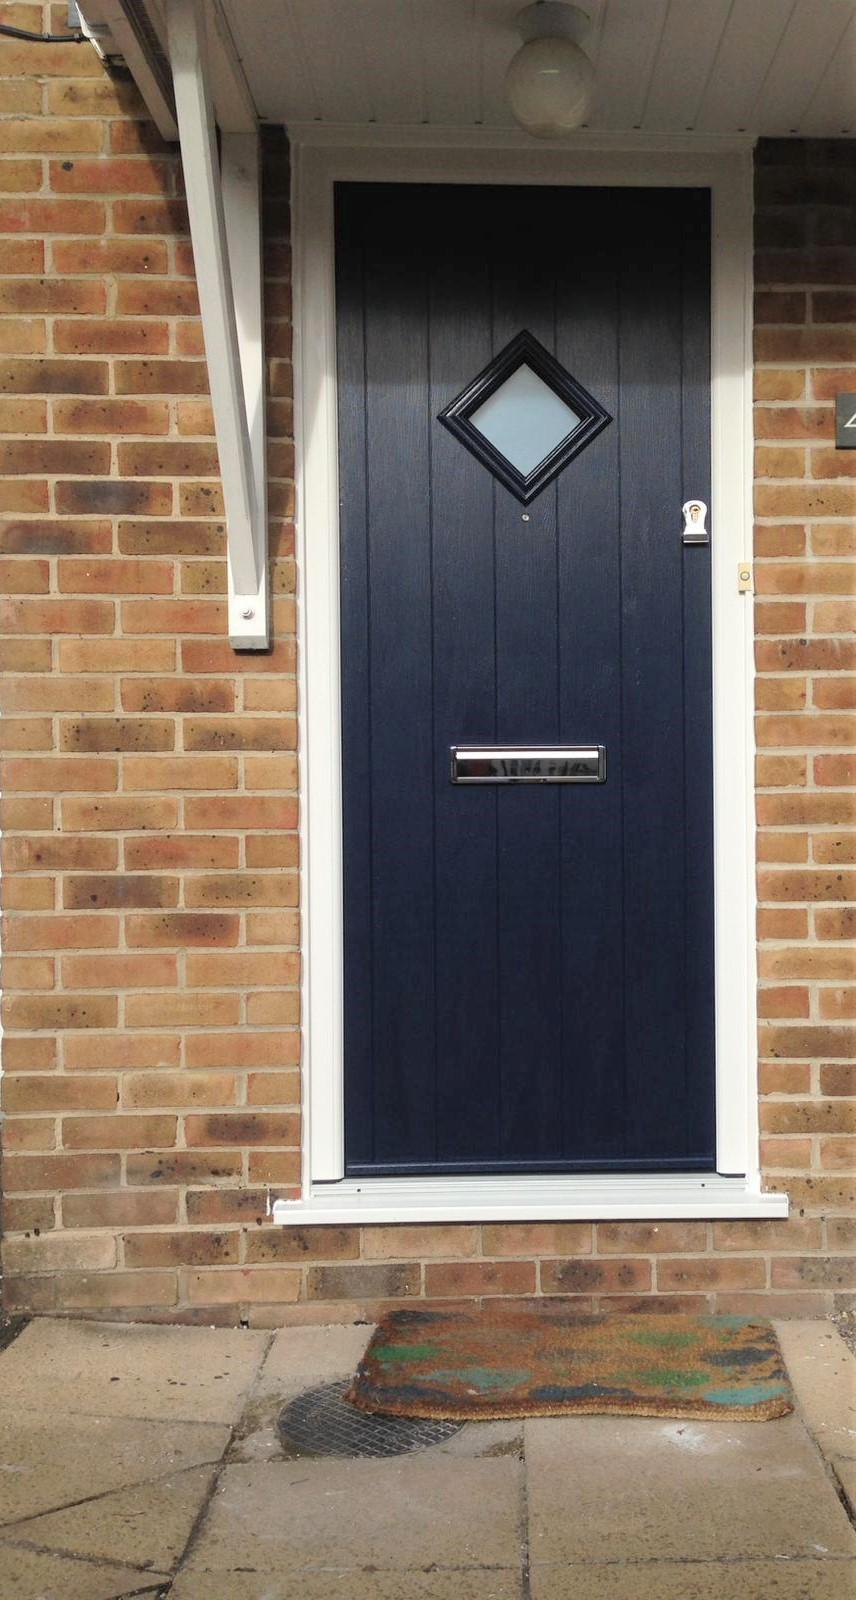 Front view of a dark blue composite door example.